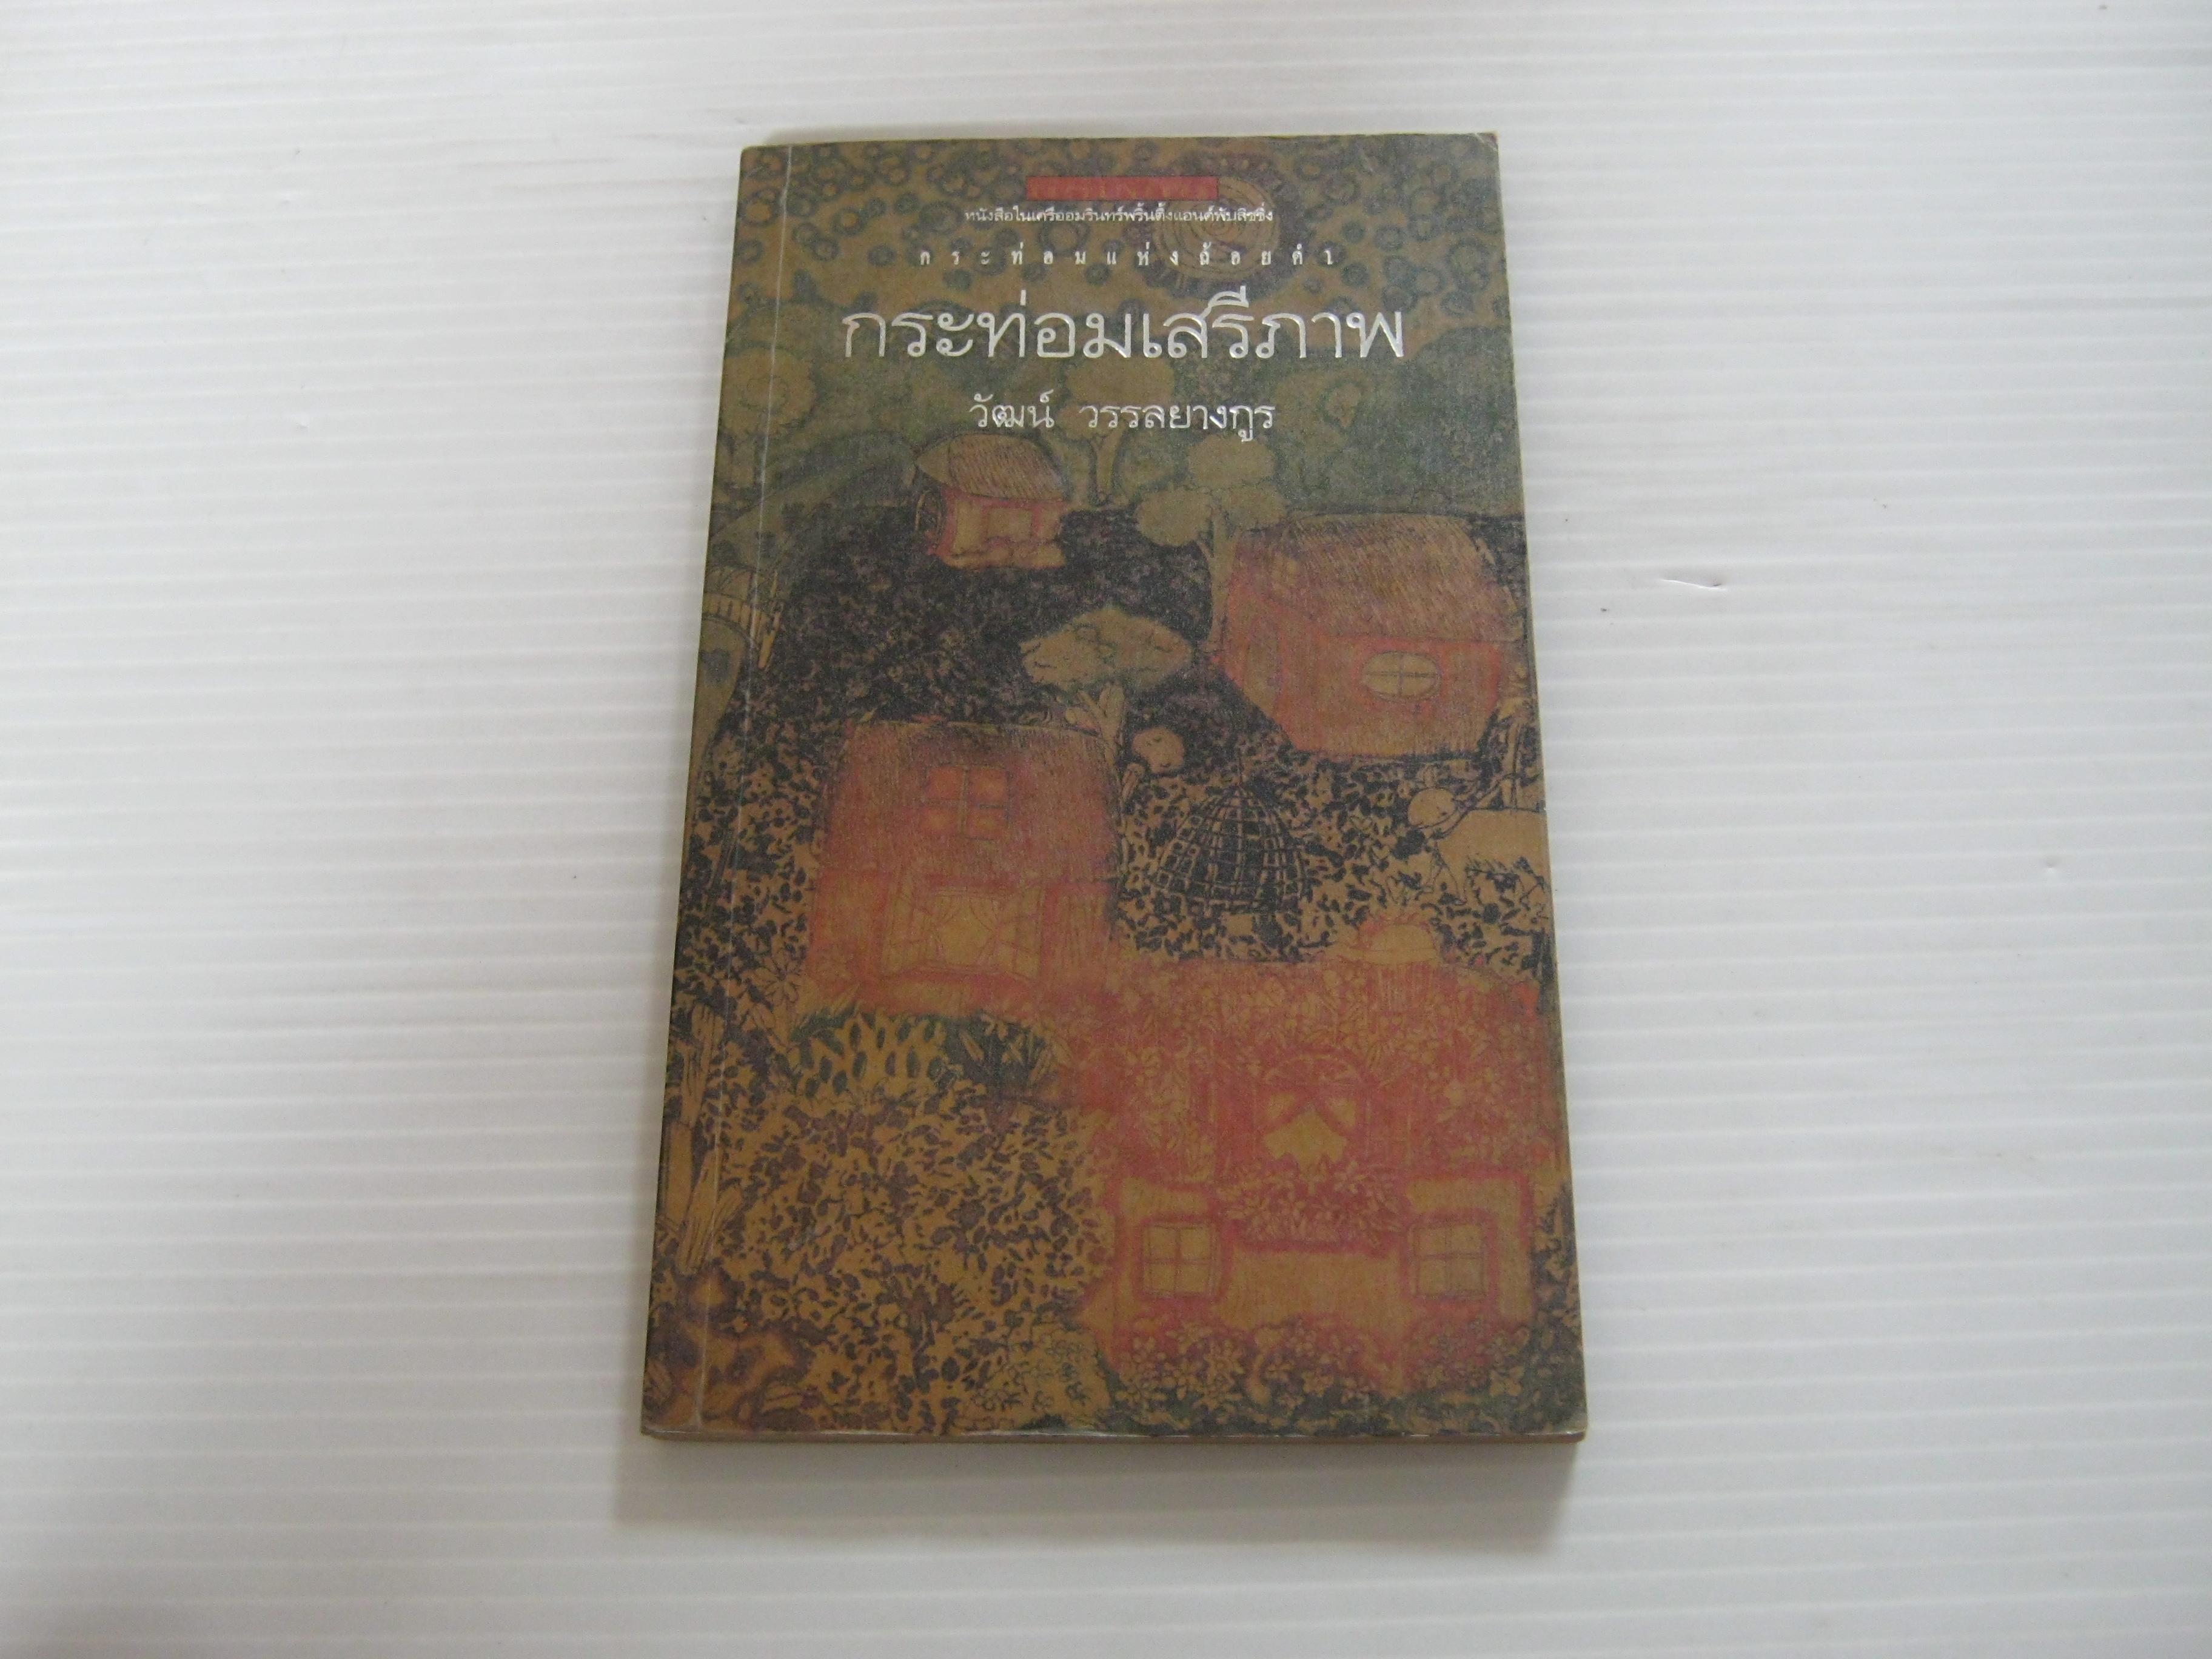 กระท่อมเสรีภาพ วัฒน์ วัลยางกูร เขียน